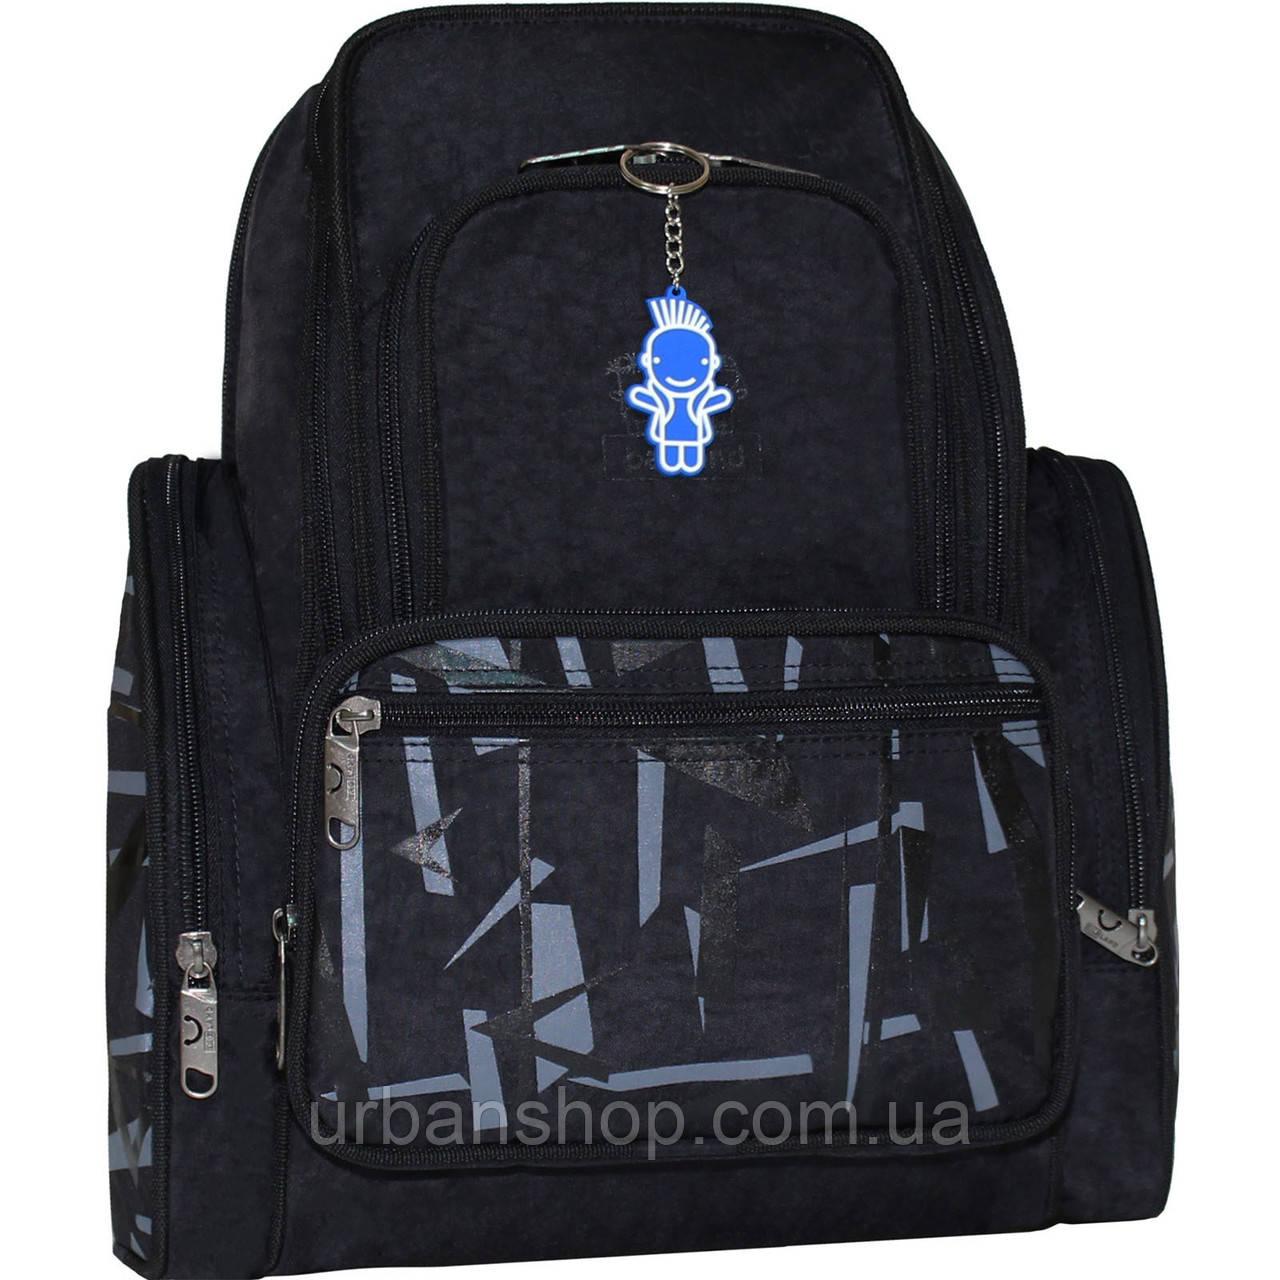 Украина Школьный рюкзак Bagland Шумахер 16 л. Черный (0010170)